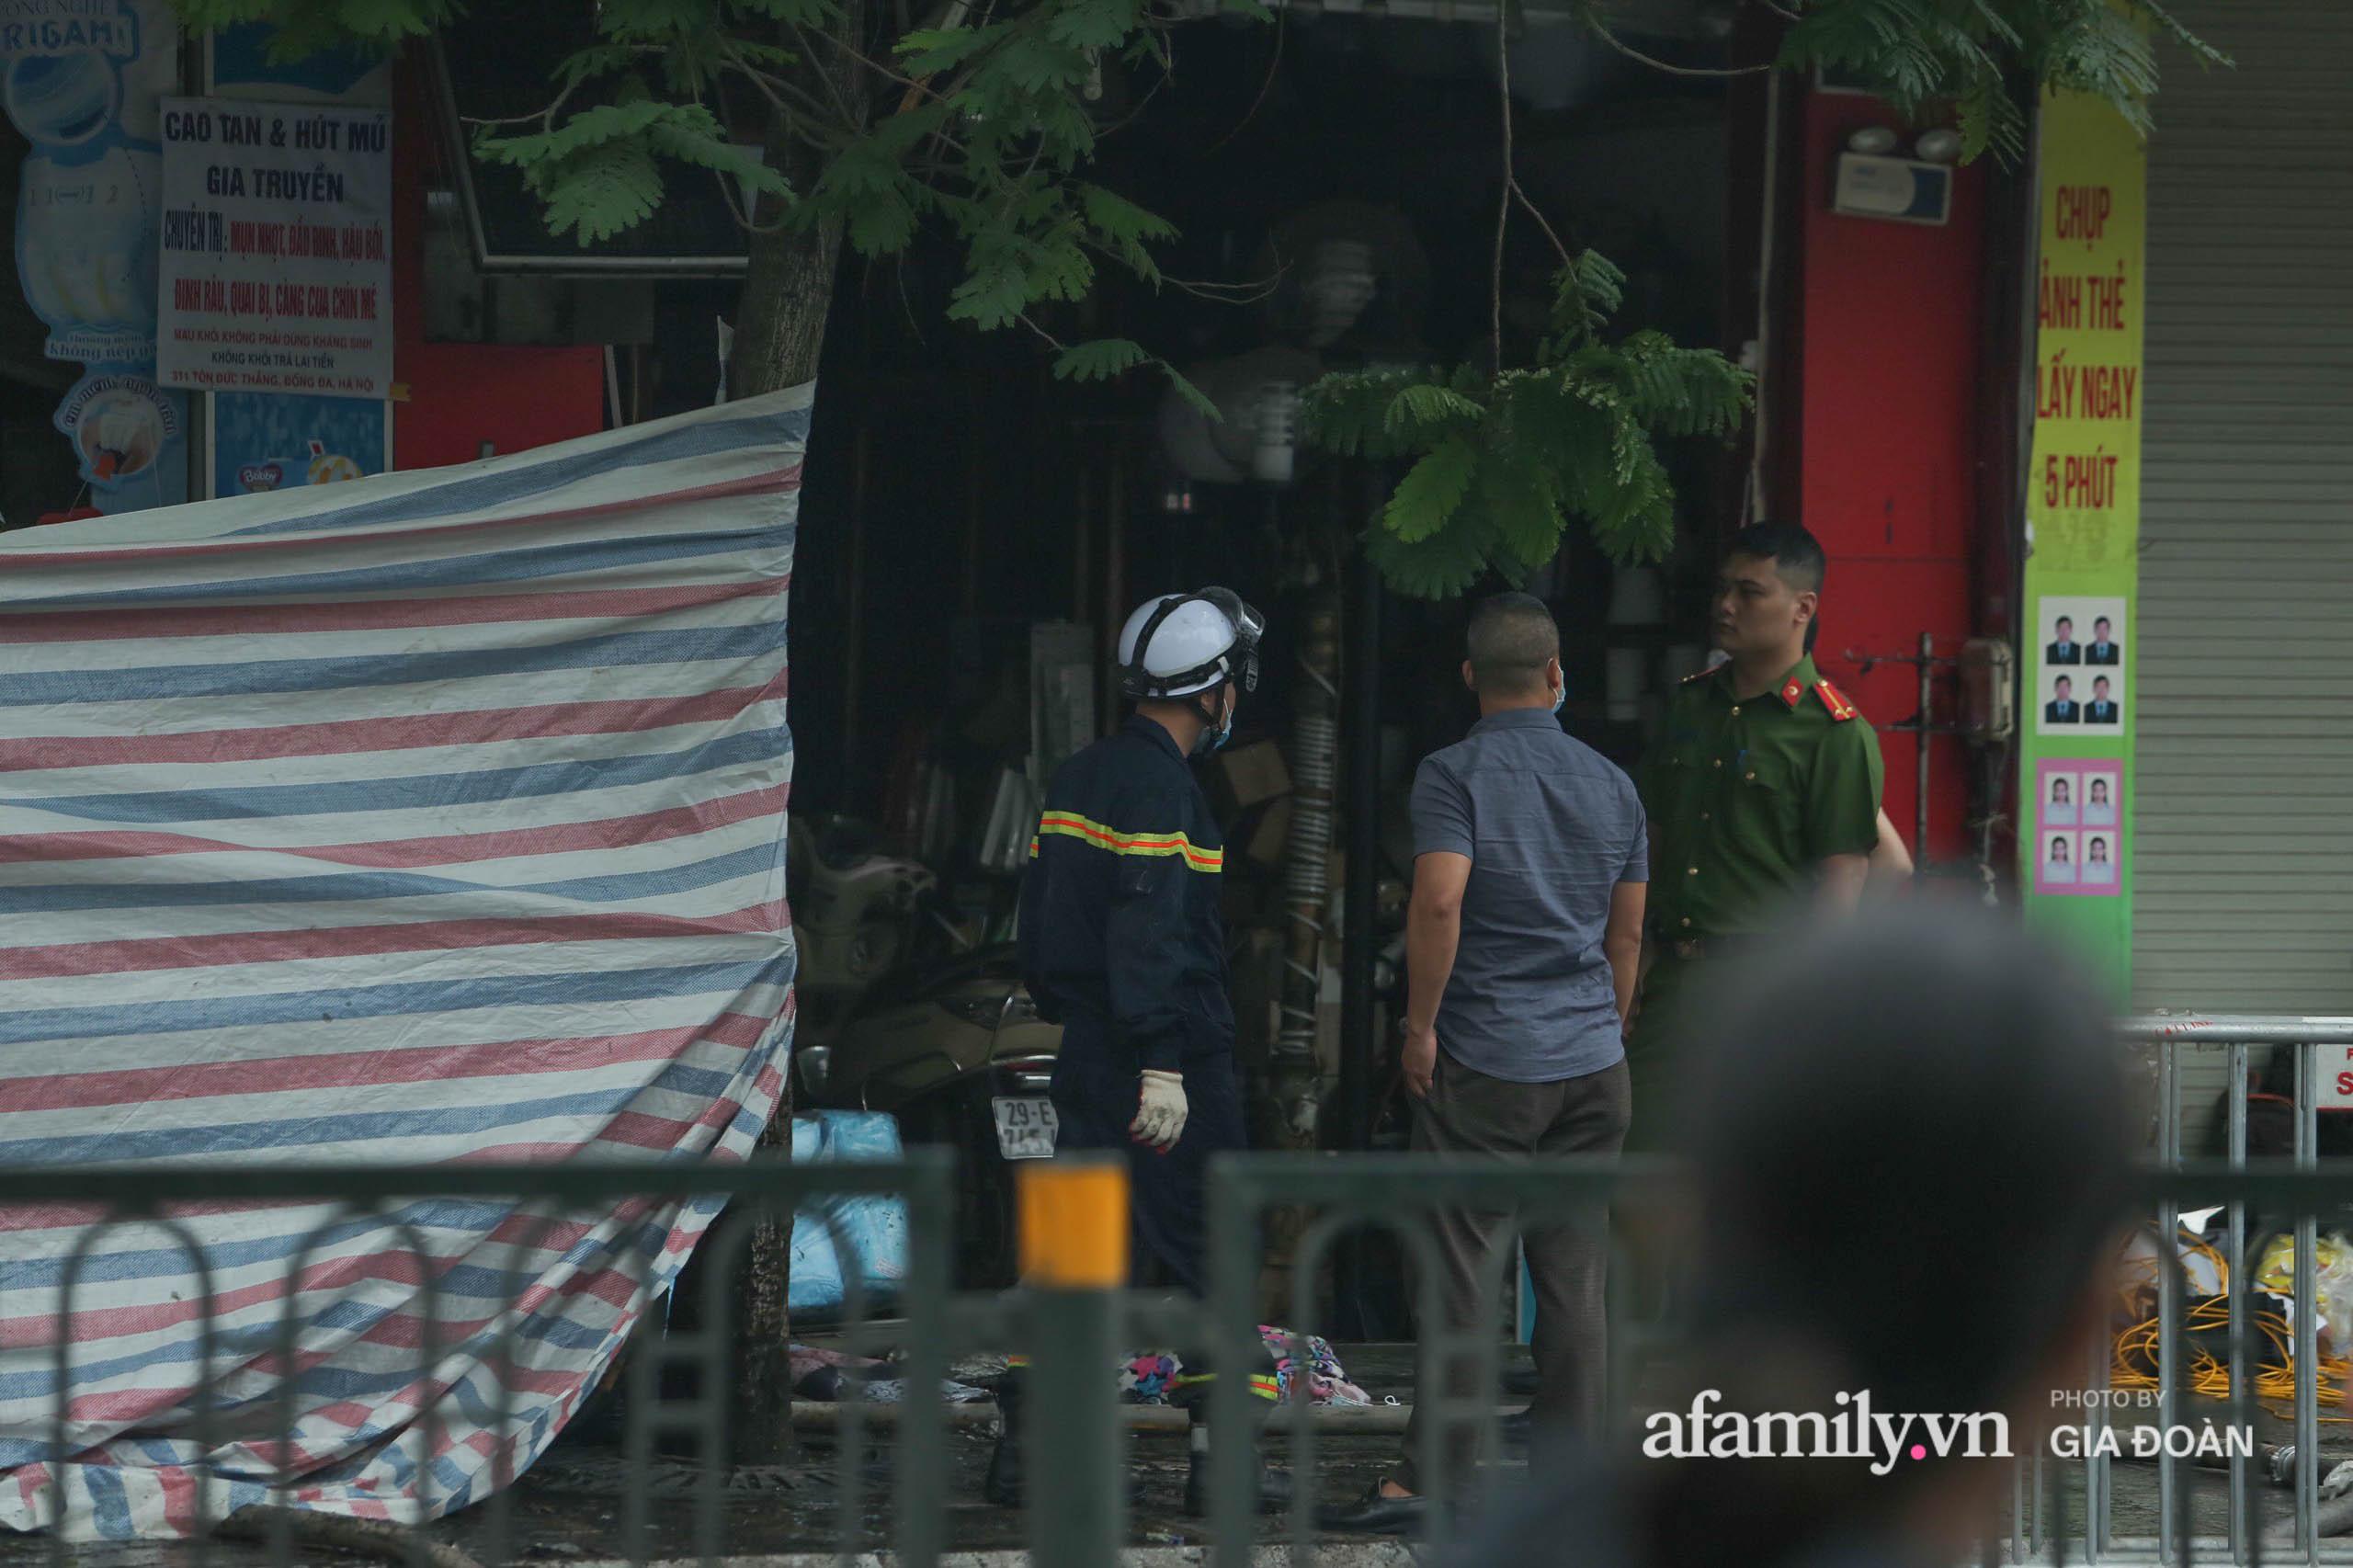 Hiện trường ám ảnh bên trong ngôi nhà bị cháy khiến 4 người trong cùng một gia đình tử vong ở Hà Nội - Ảnh 8.